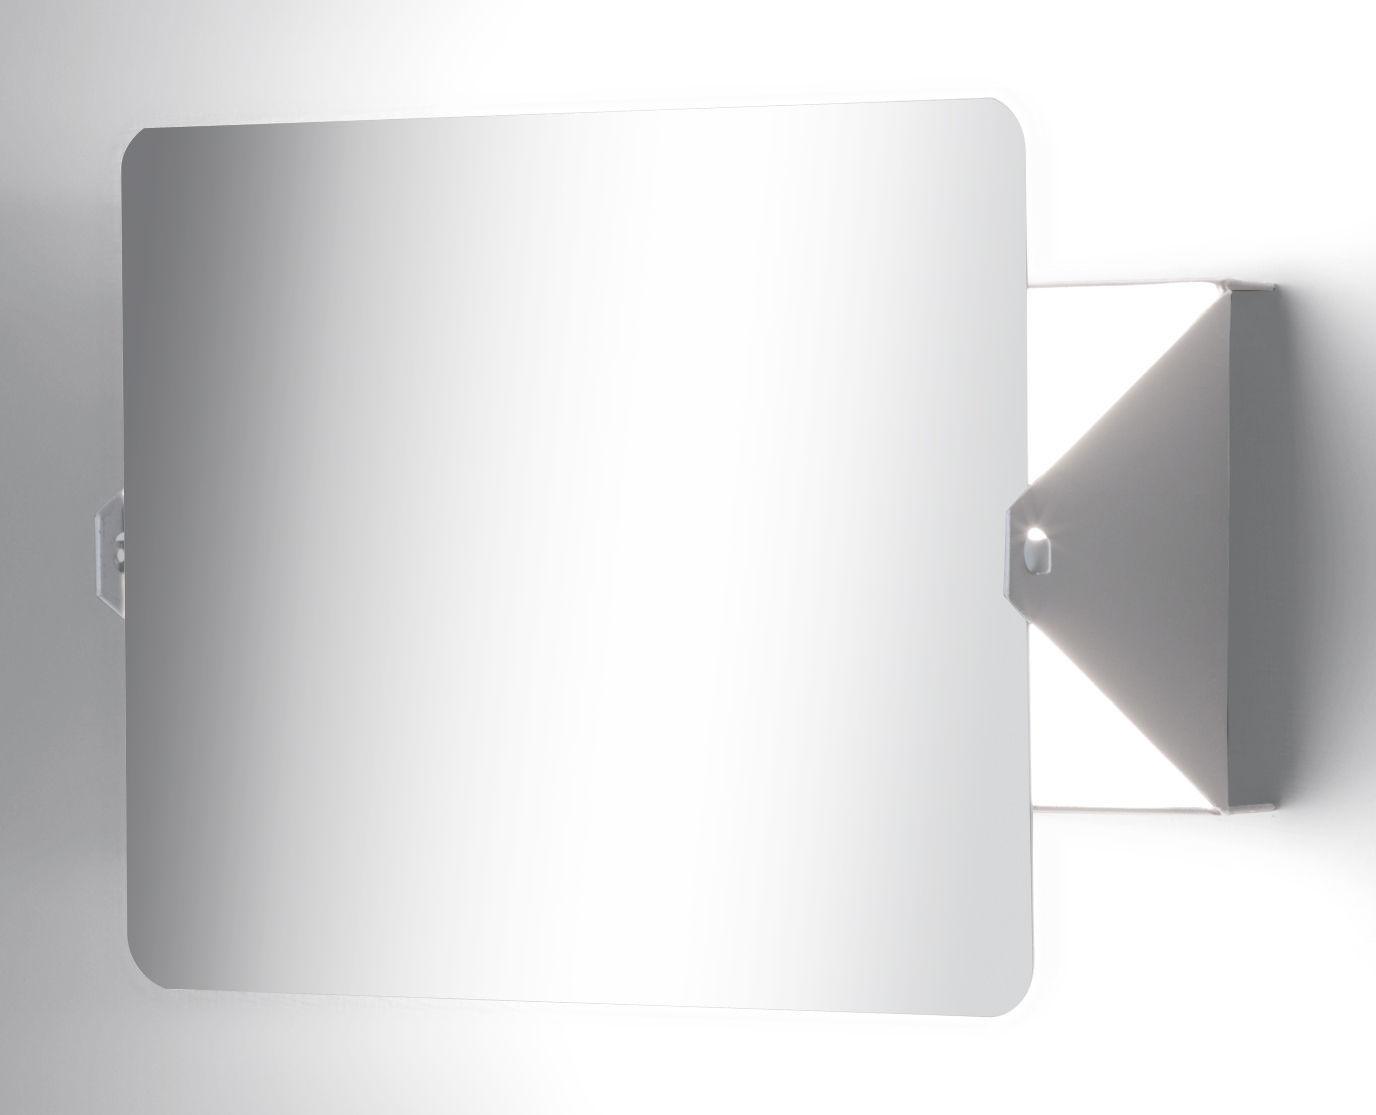 applique volet pivotant led charlotte perriand 1962 blanc plaque pivotante miroir nemo. Black Bedroom Furniture Sets. Home Design Ideas